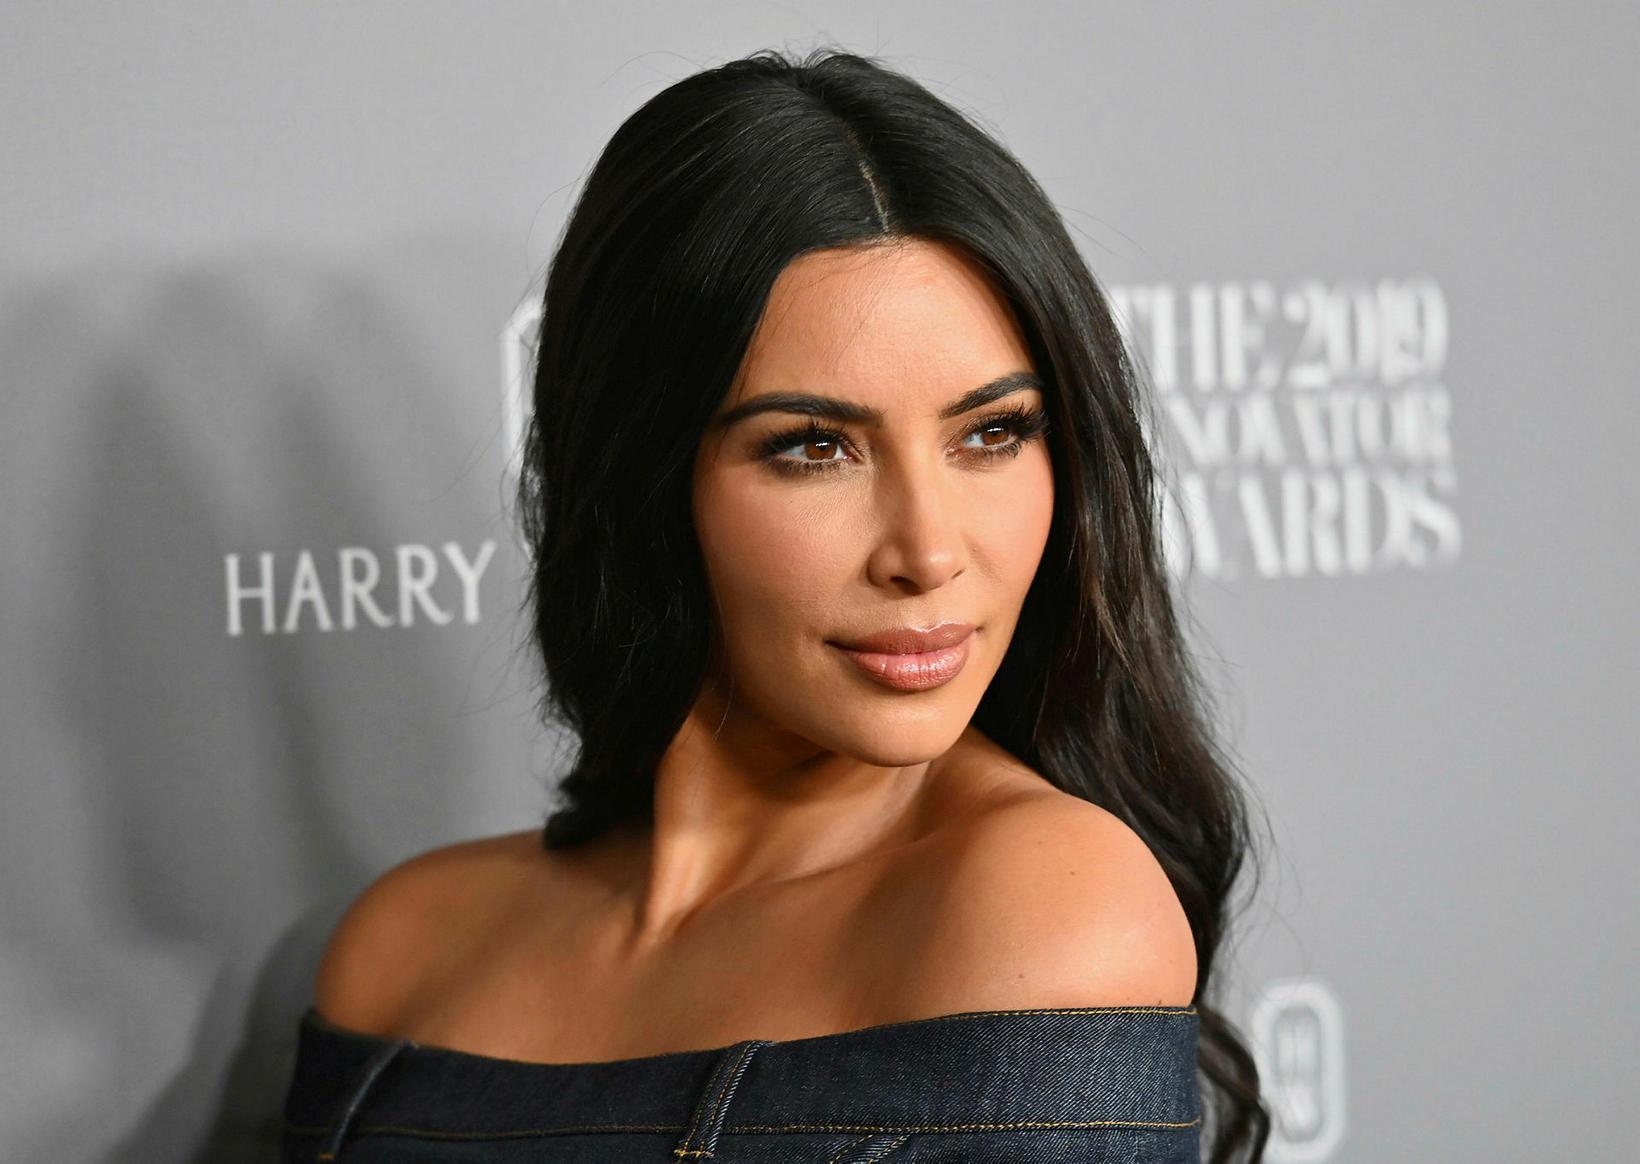 Kim Kardashian tekur hlutunum rólega eftir skilnaðinn.